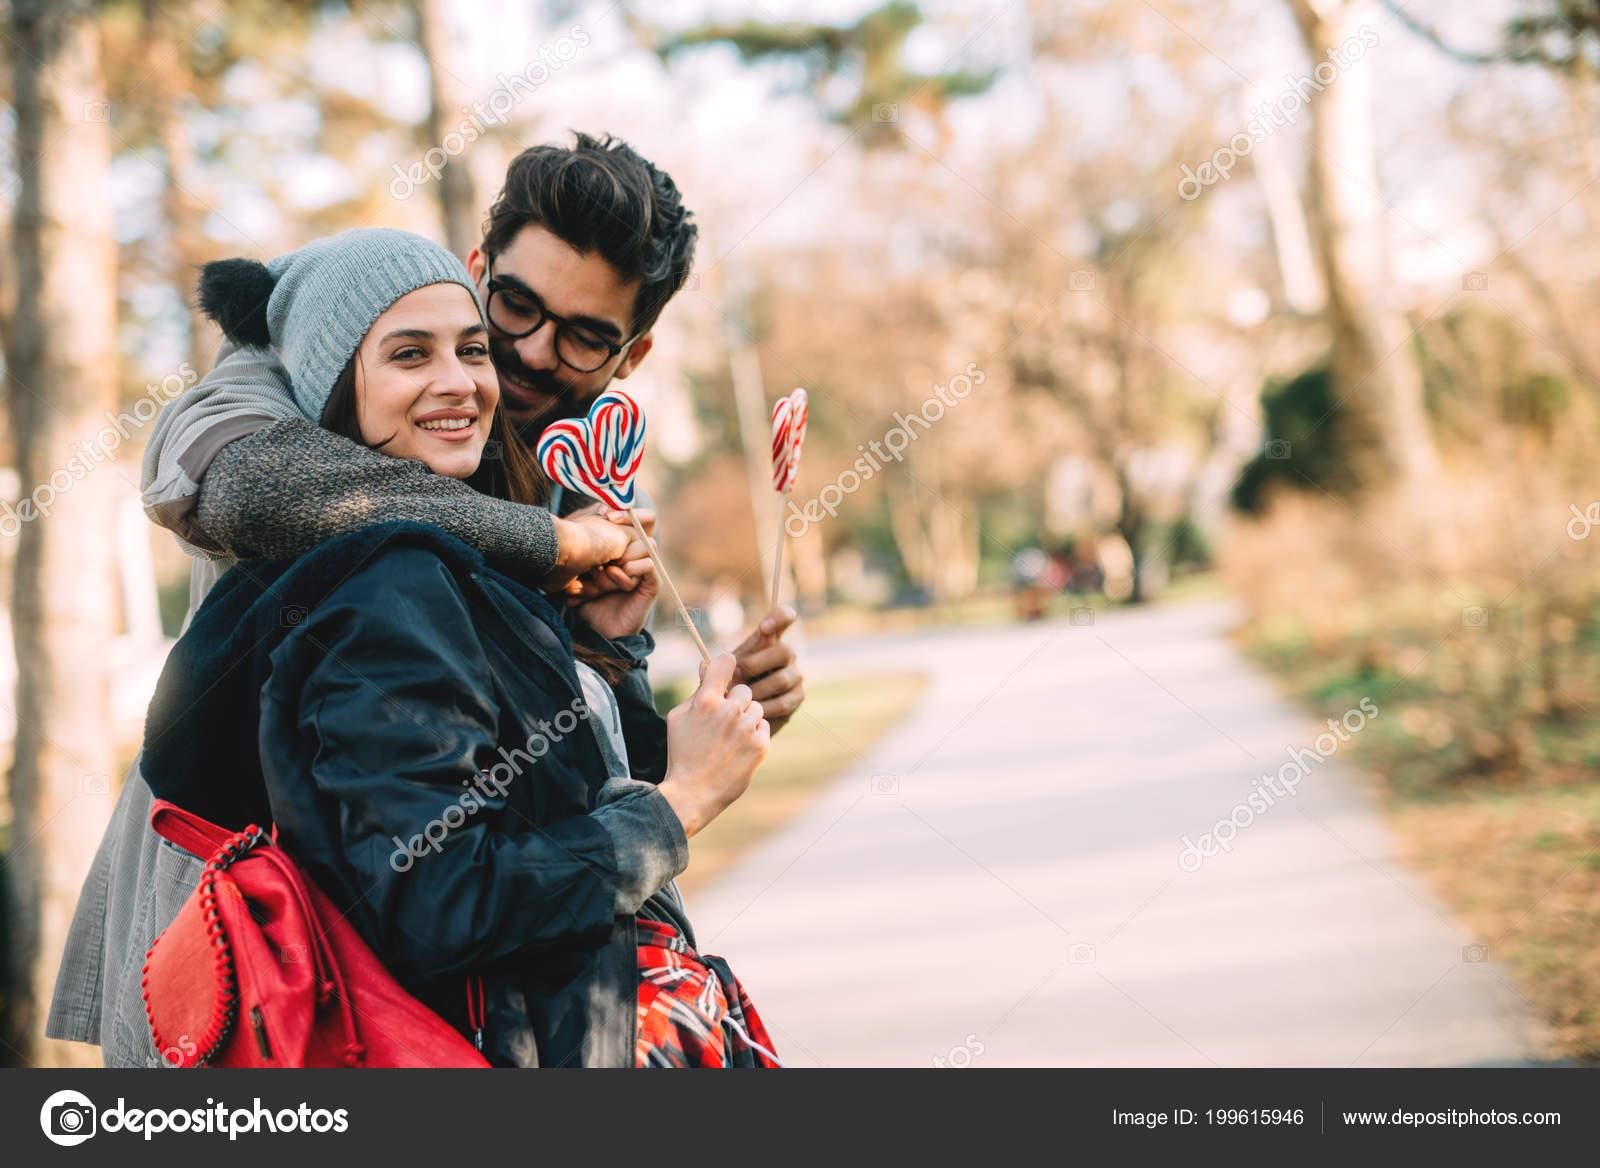 Картинки парня в форме с девушкой